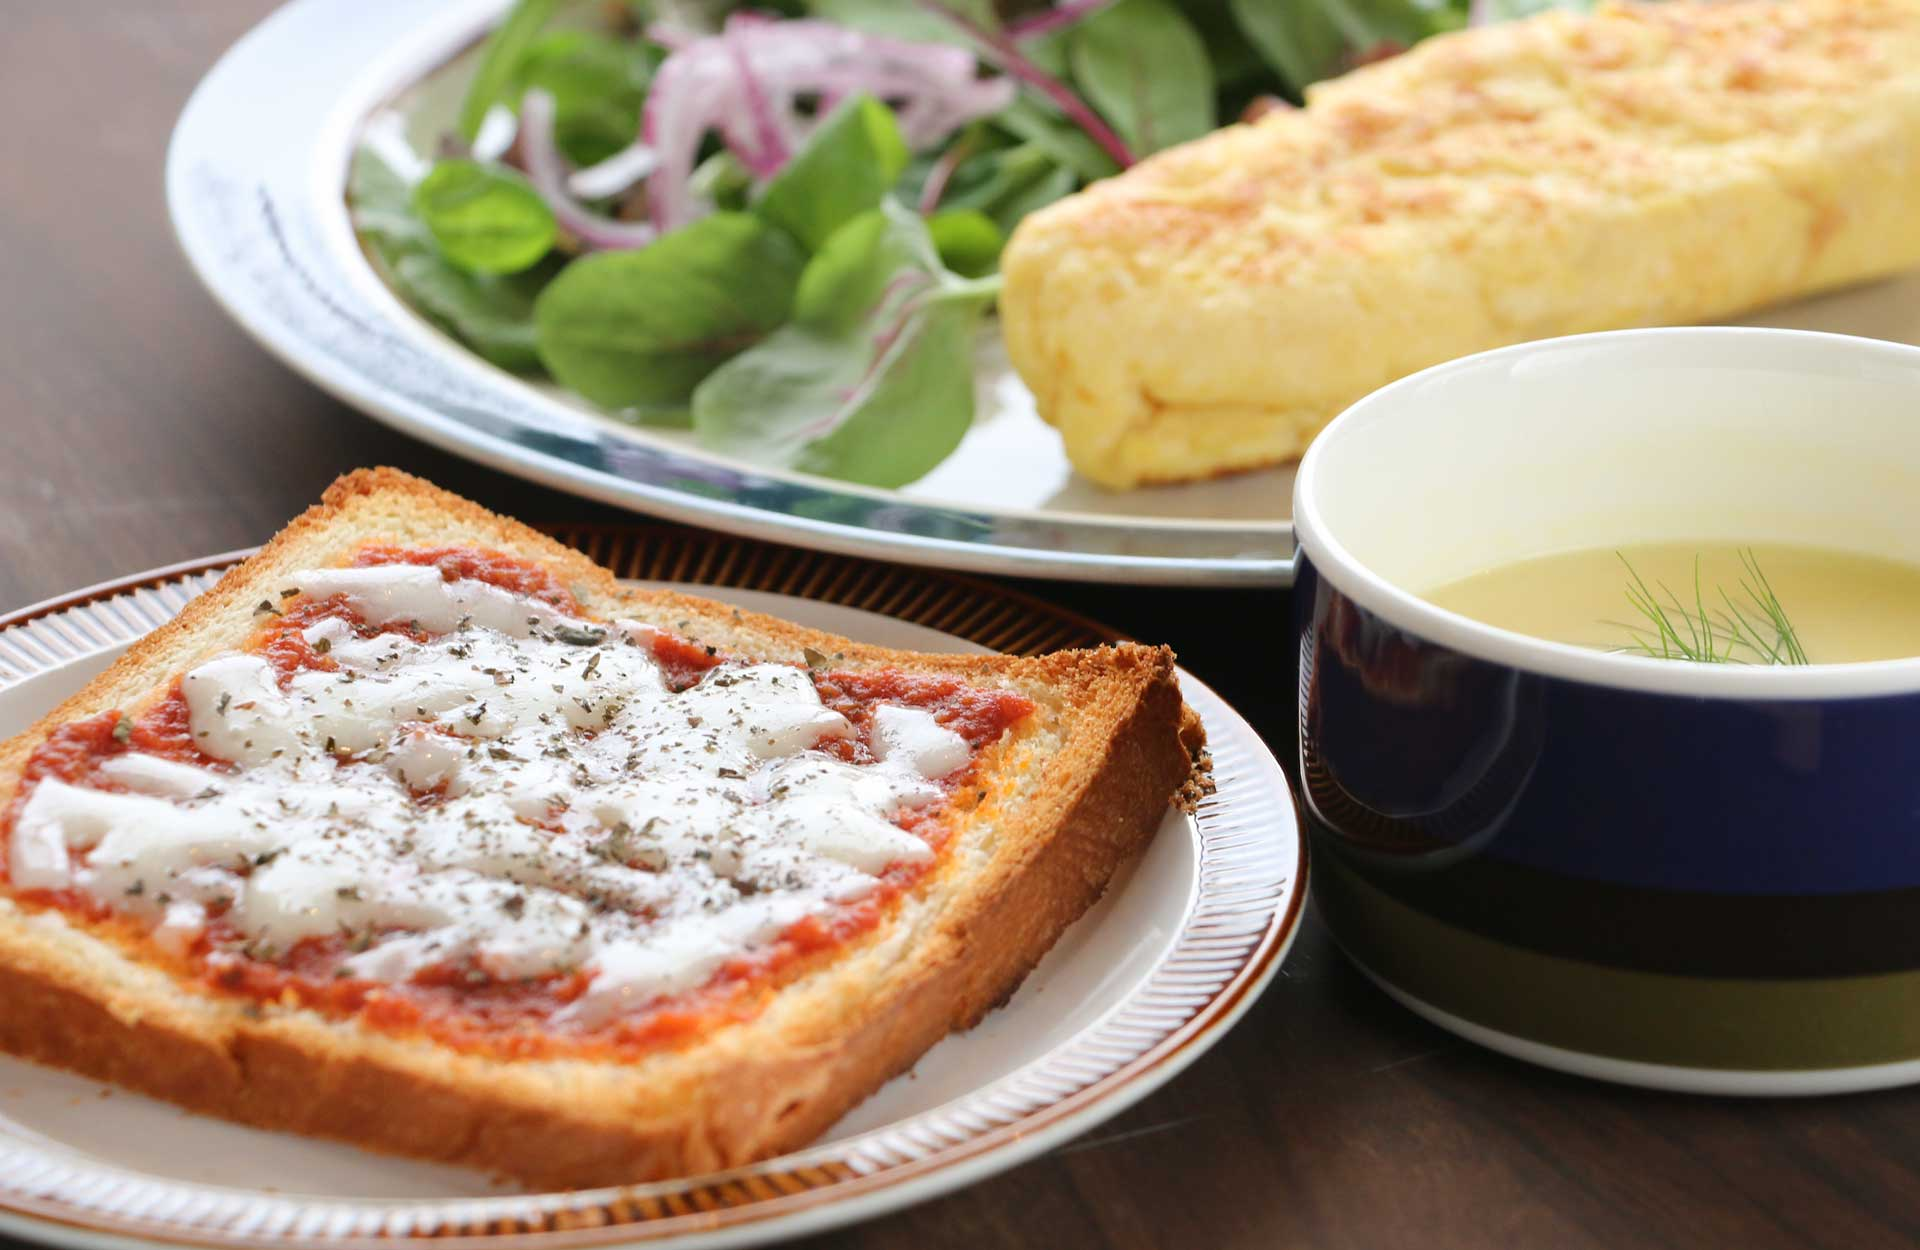 川場プレミアム食パンの商品詳細イメージ-234